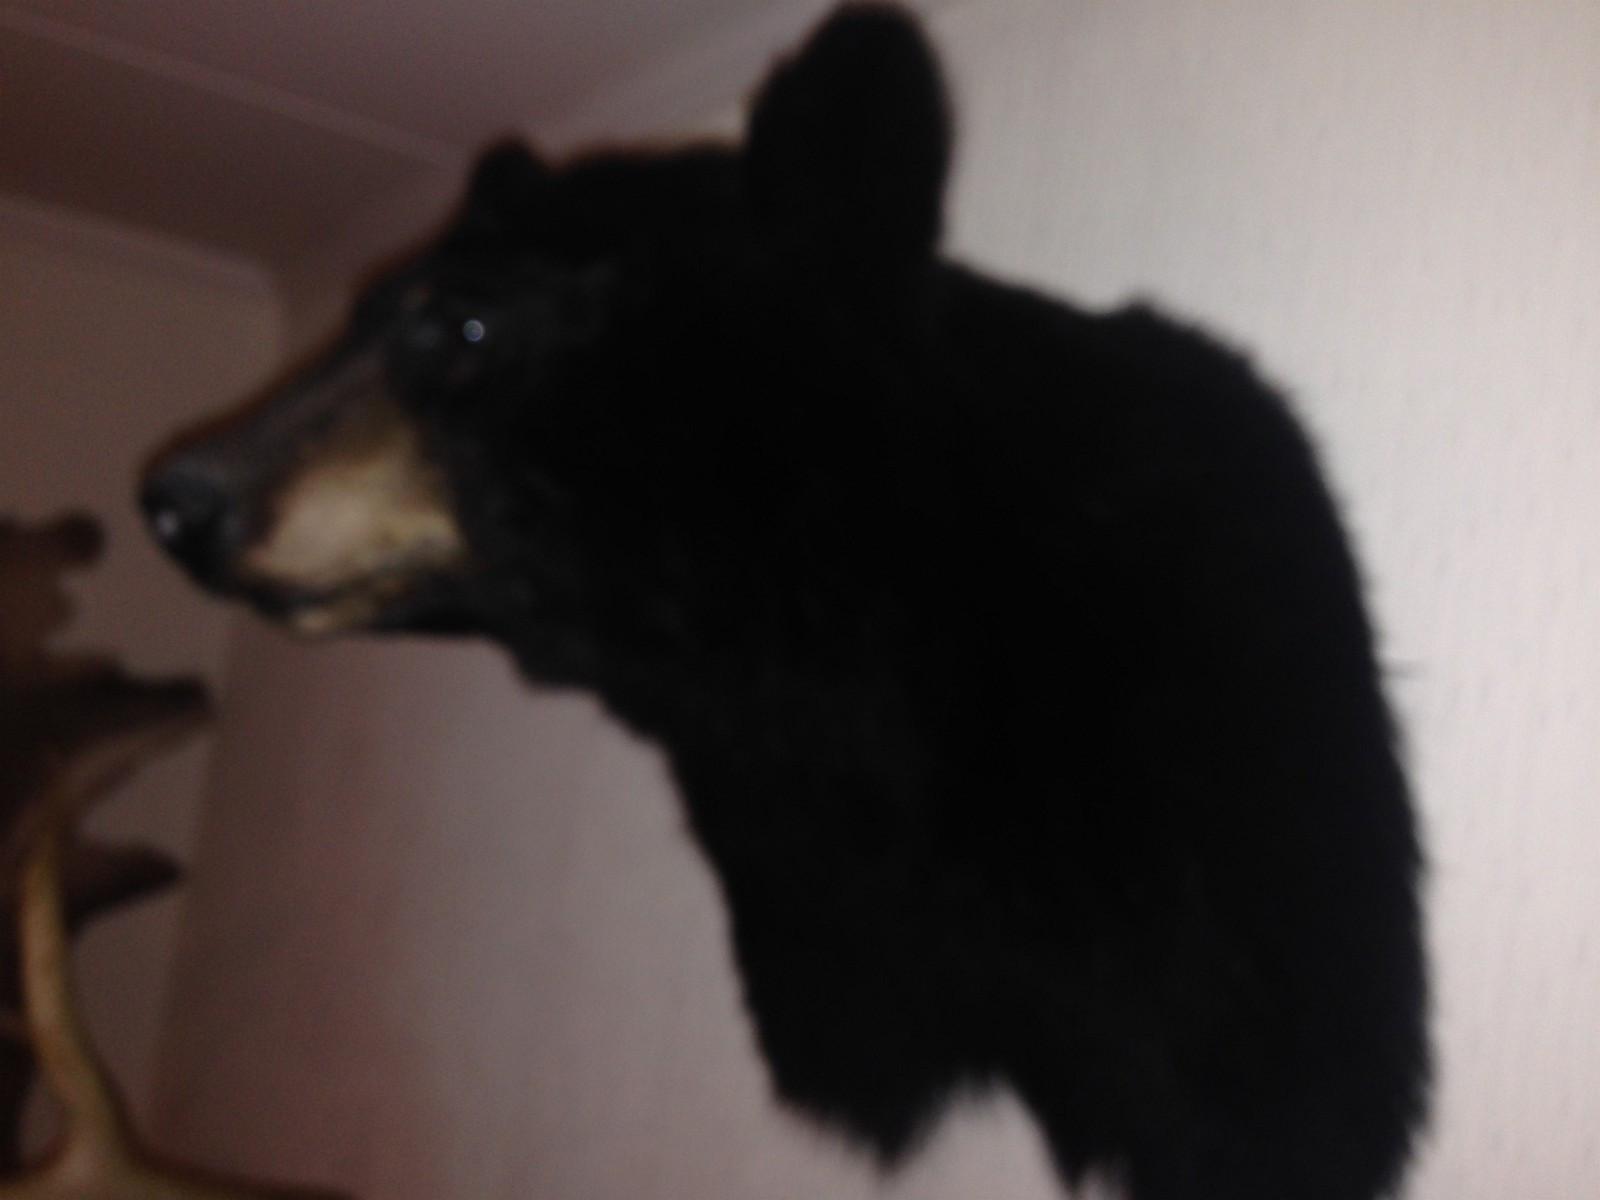 Svartbjørn hode - Drøbak  - Flott Skuldermontert hode av svartbjørn fra Canada - Drøbak